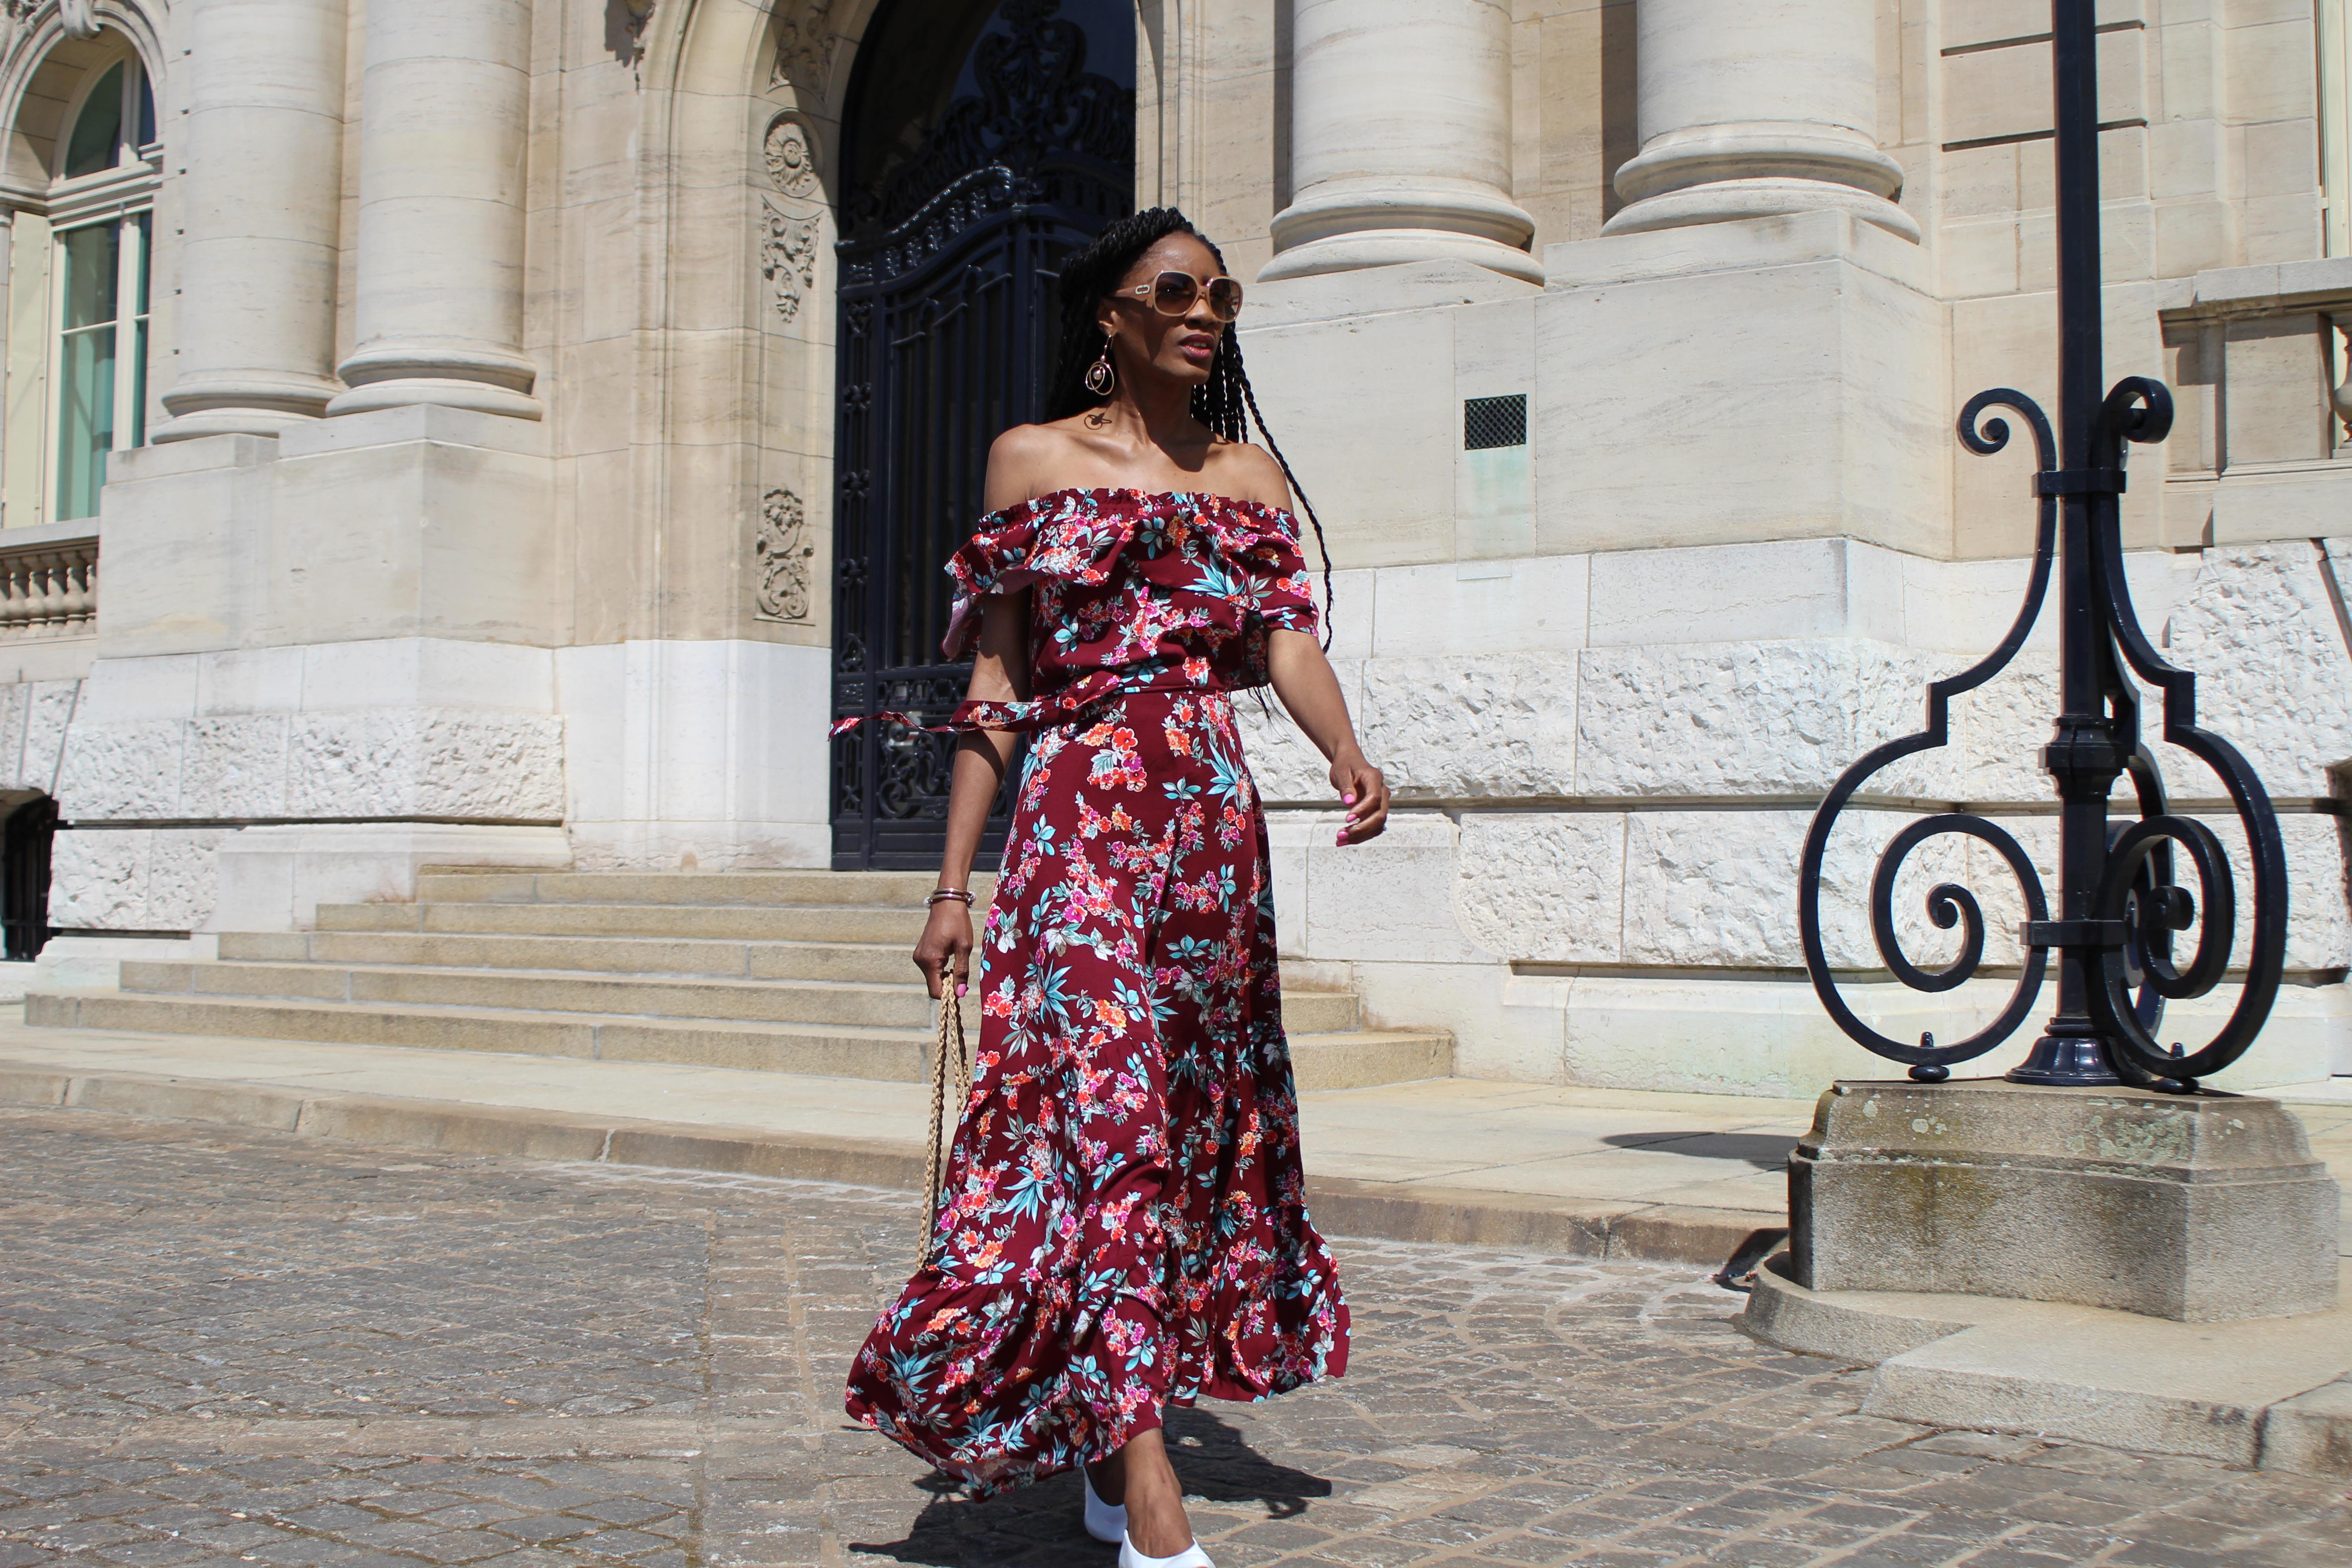 Zaful dress